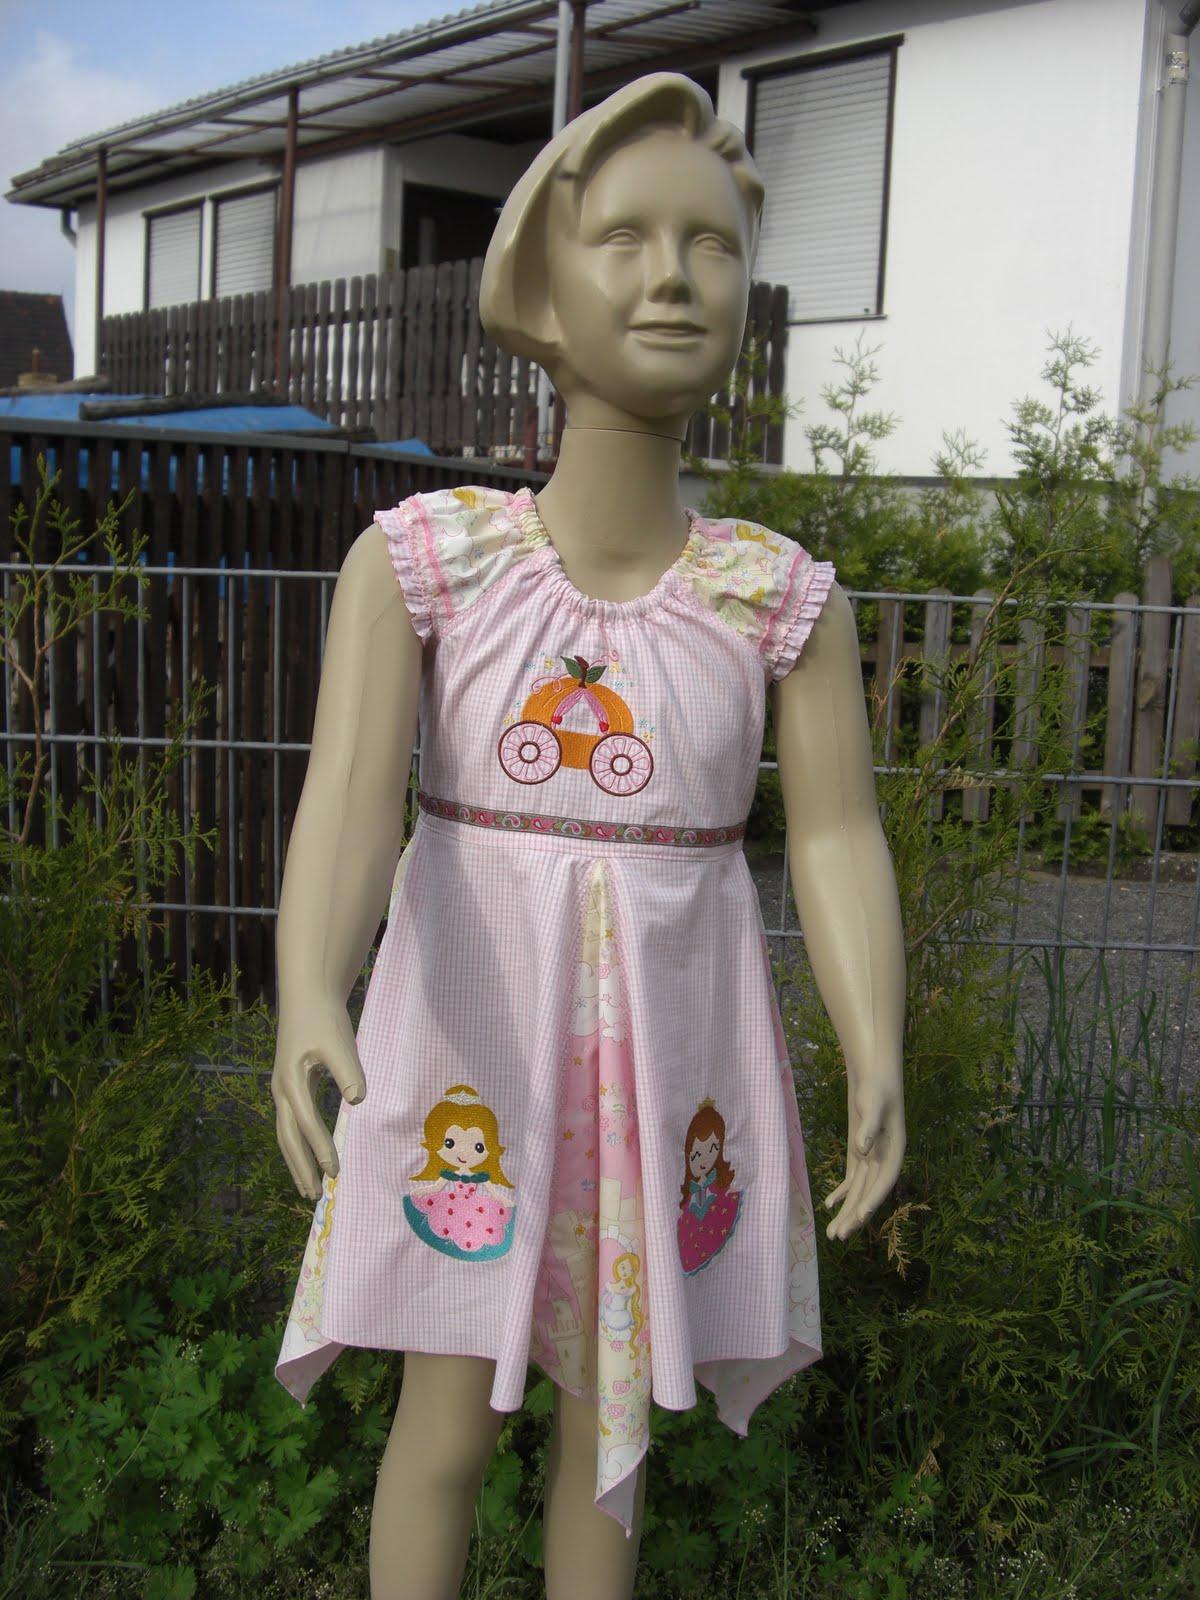 als Probekleidchen für eine Auftragsarbeit Eine Bekannte hat ein Schuleinführungskleidchen bei mir bestellt und passenden Stoffe dazu ausgesucht